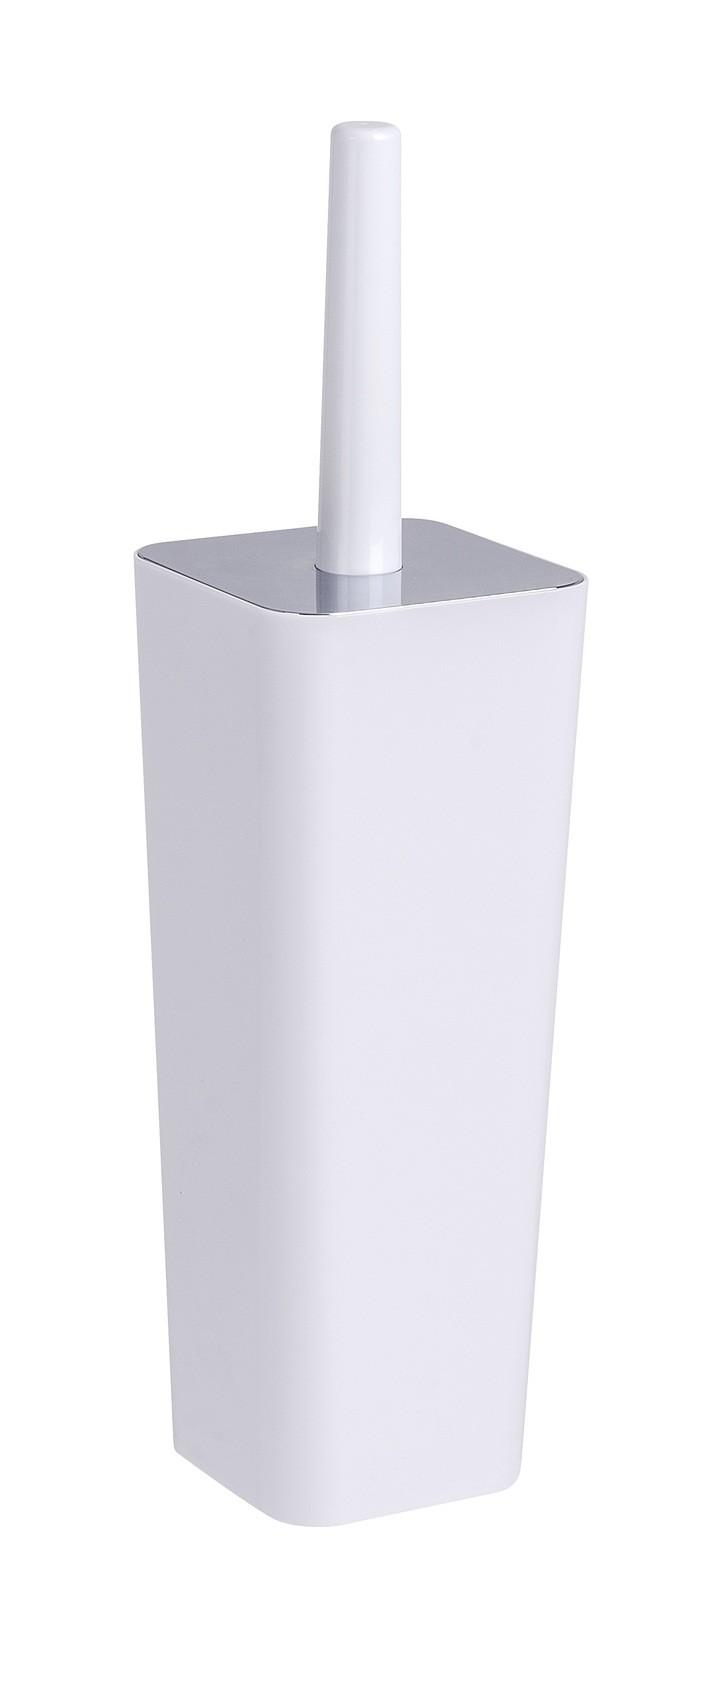 Wenko WC-Garnitur Candy White, geschlossene Form